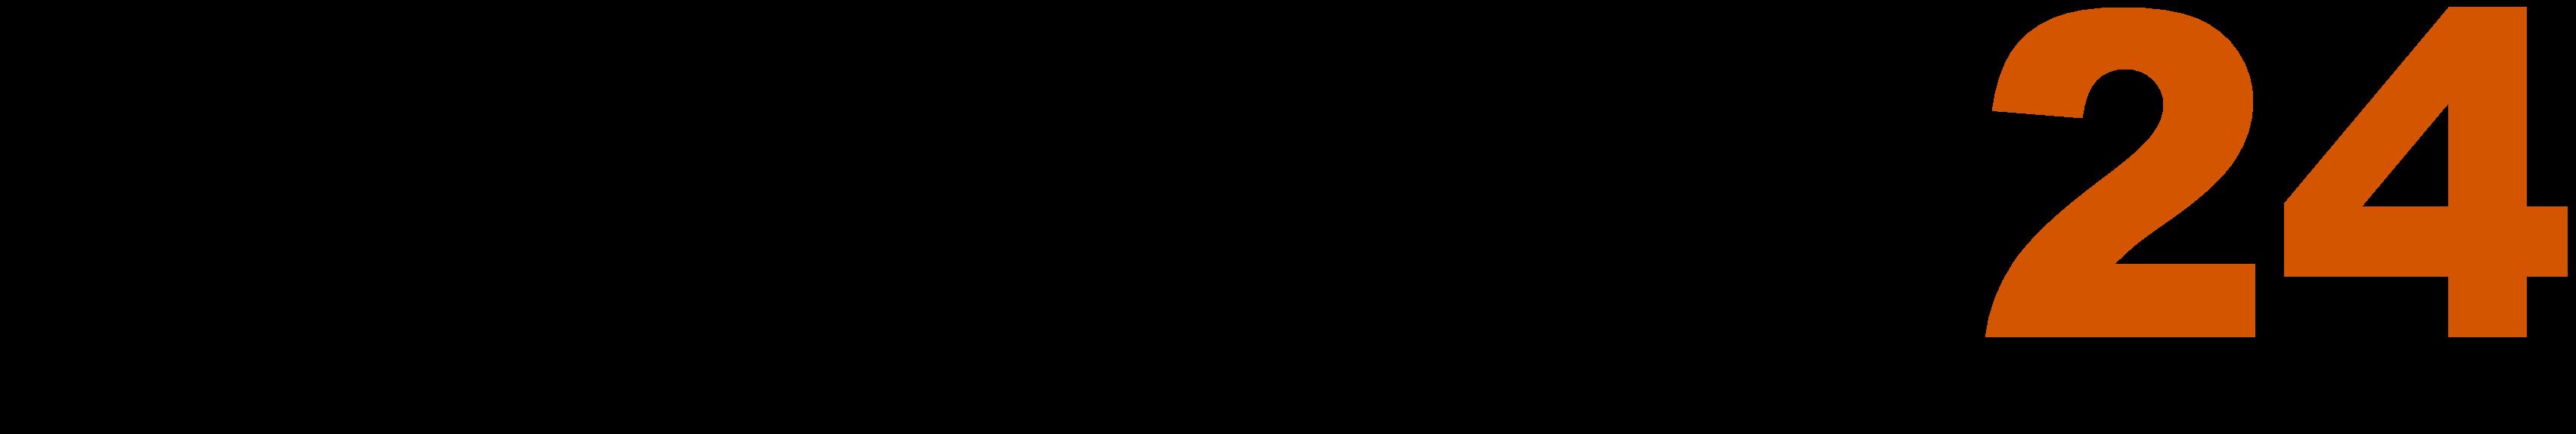 Käsipall24